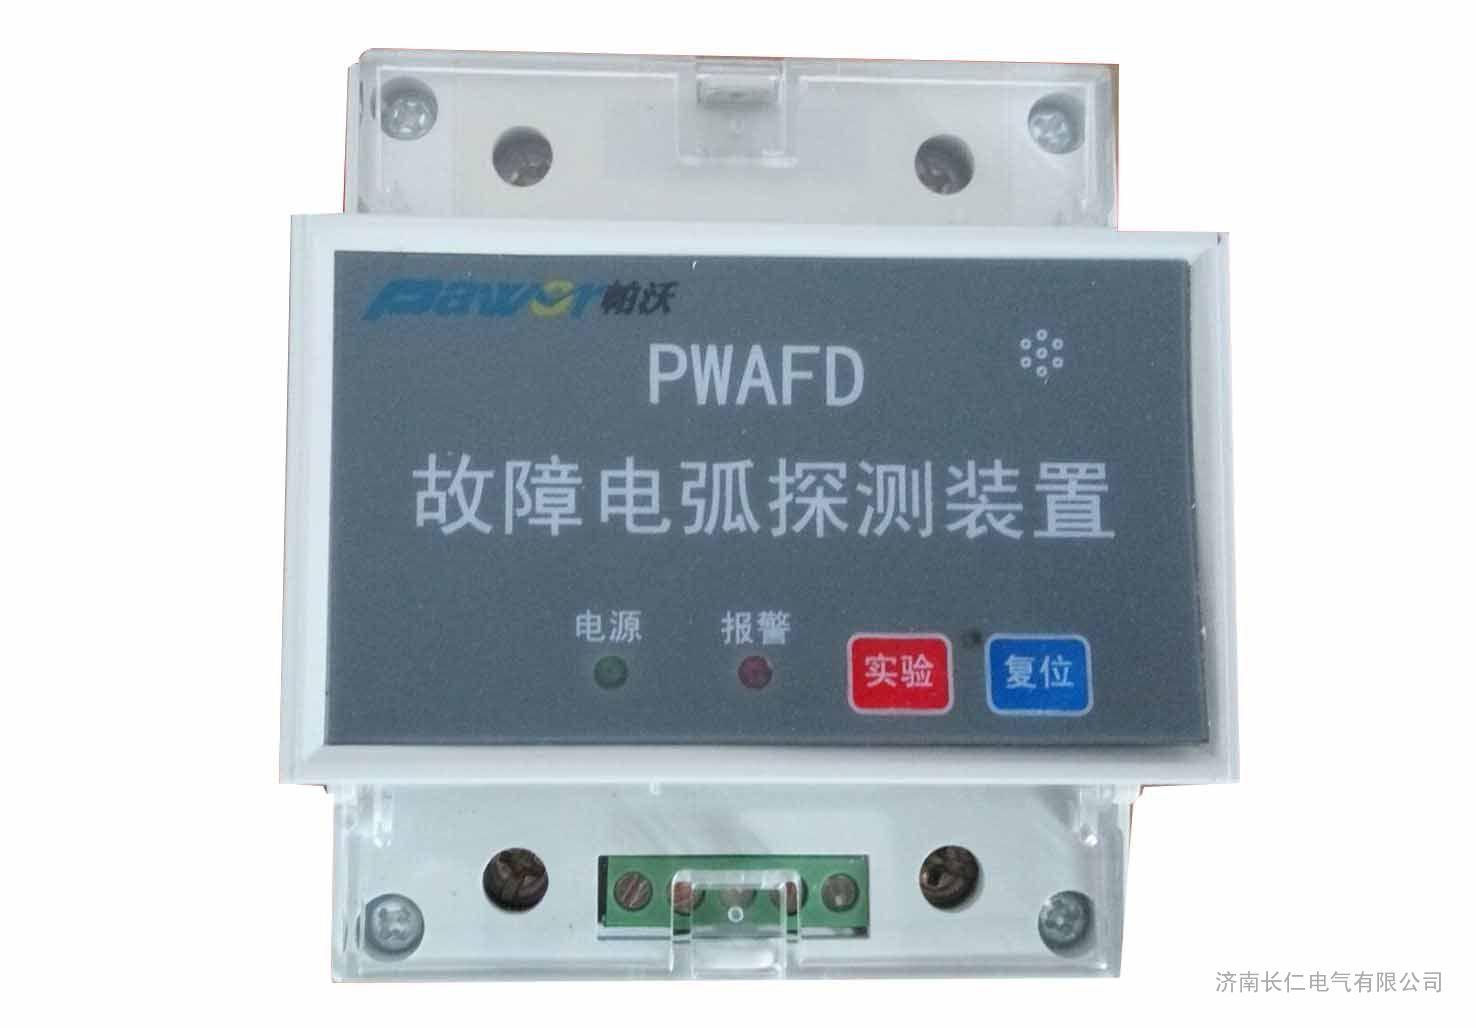 帕沃故障电弧式电气火灾监控装置烟台生产厂家电话